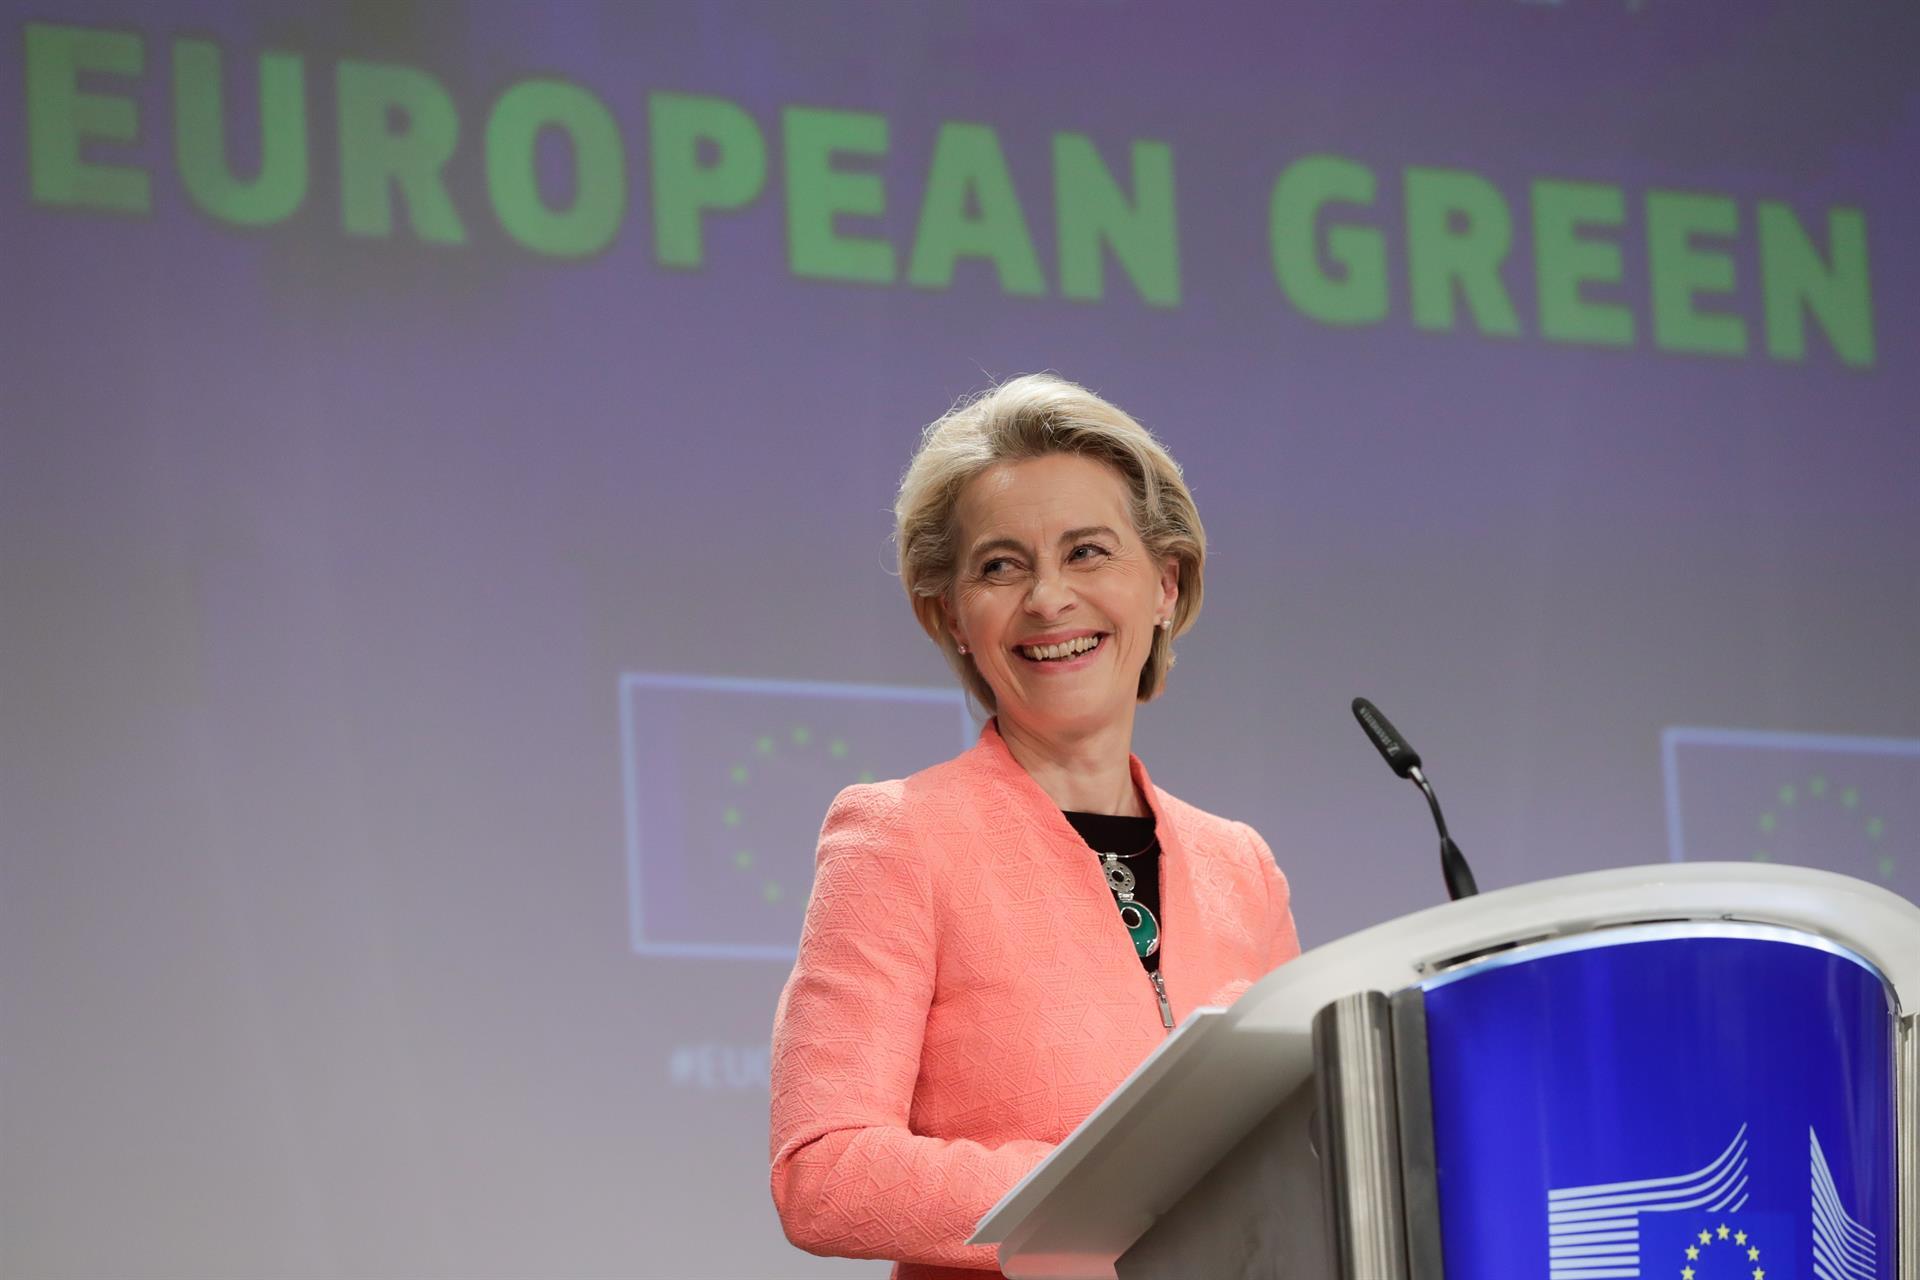 La presidenta de la Comisión Europea Ursula von der Leyen. EFE/EPA/STEPHANIE LECOCQ/Archivo